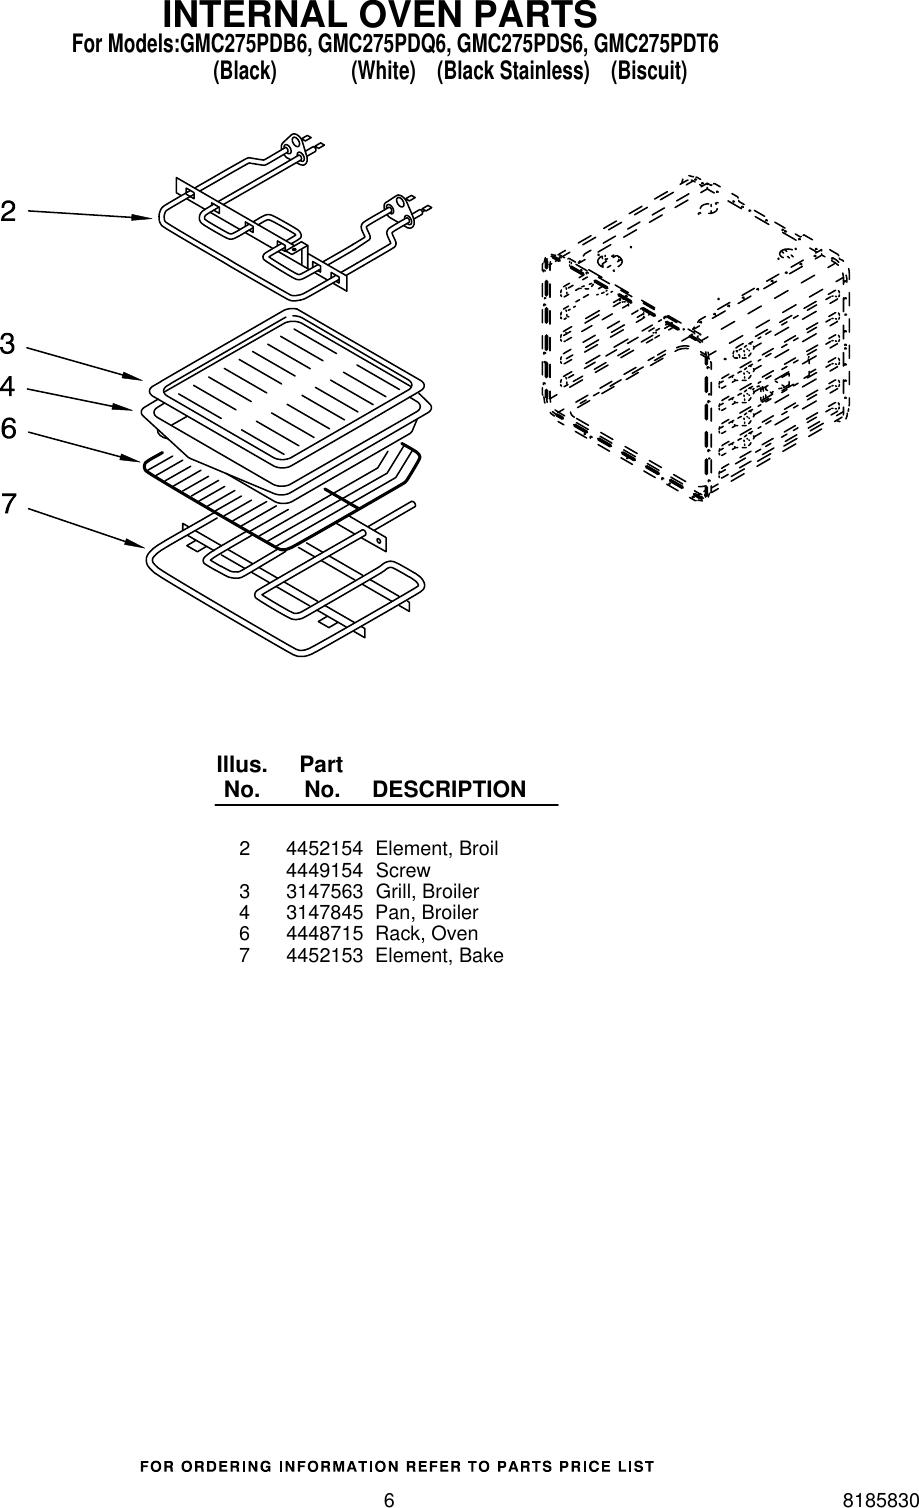 Whirlpool Gmc275Pdb6 Users Manual